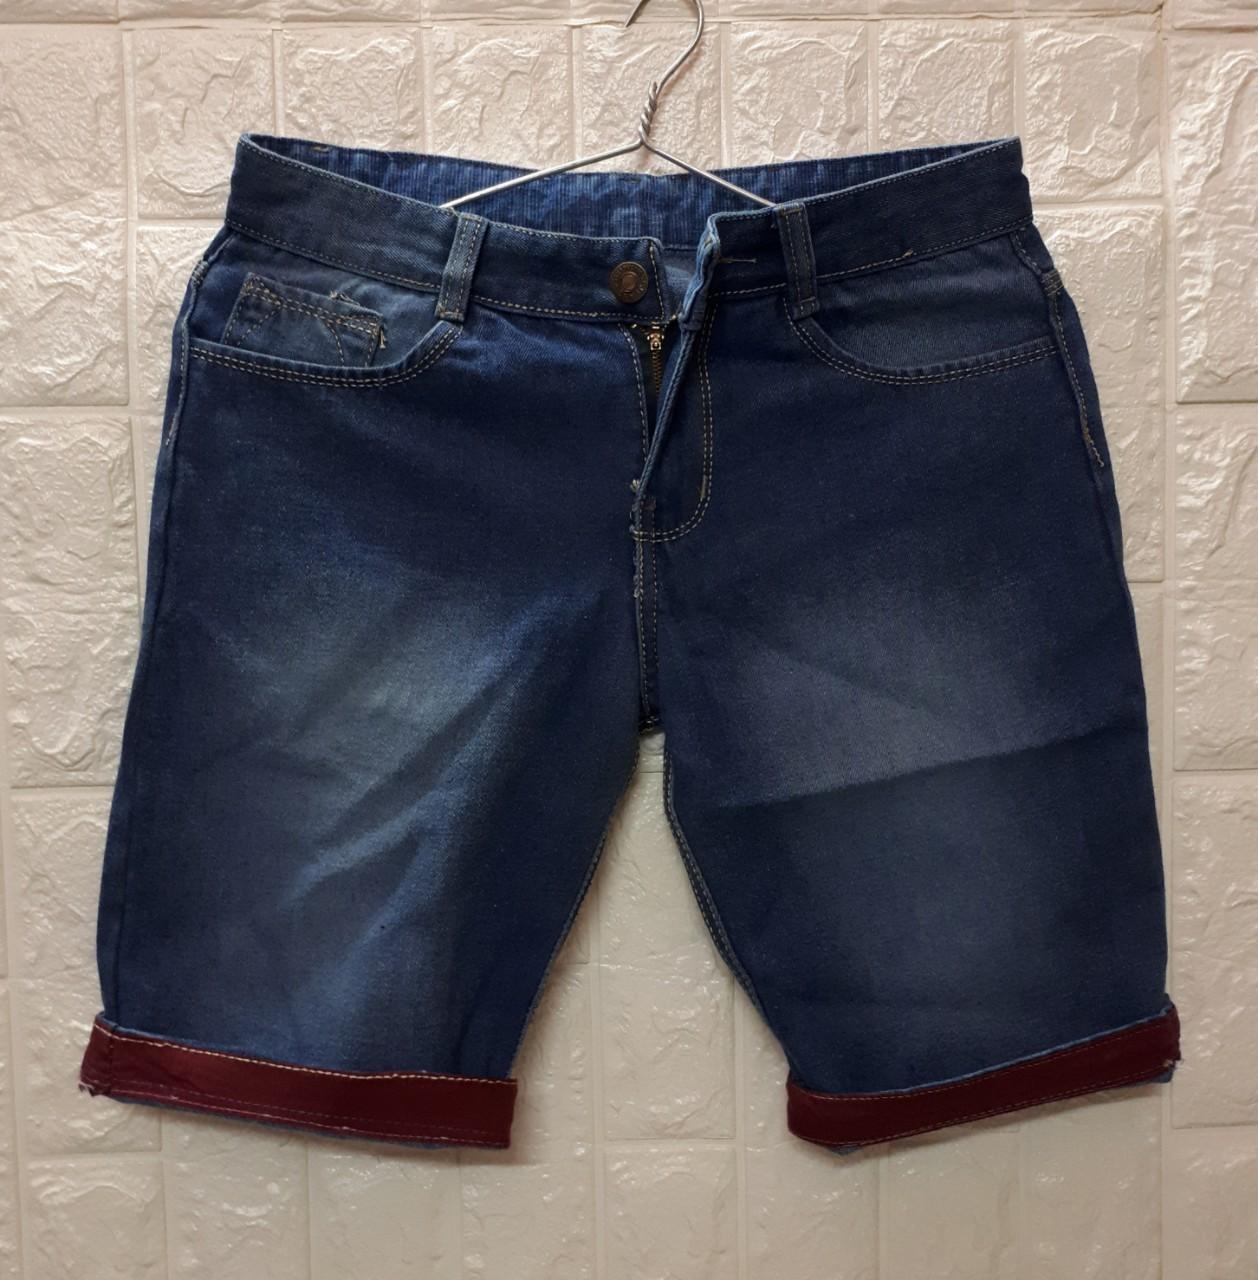 quần shorts thời trang nam